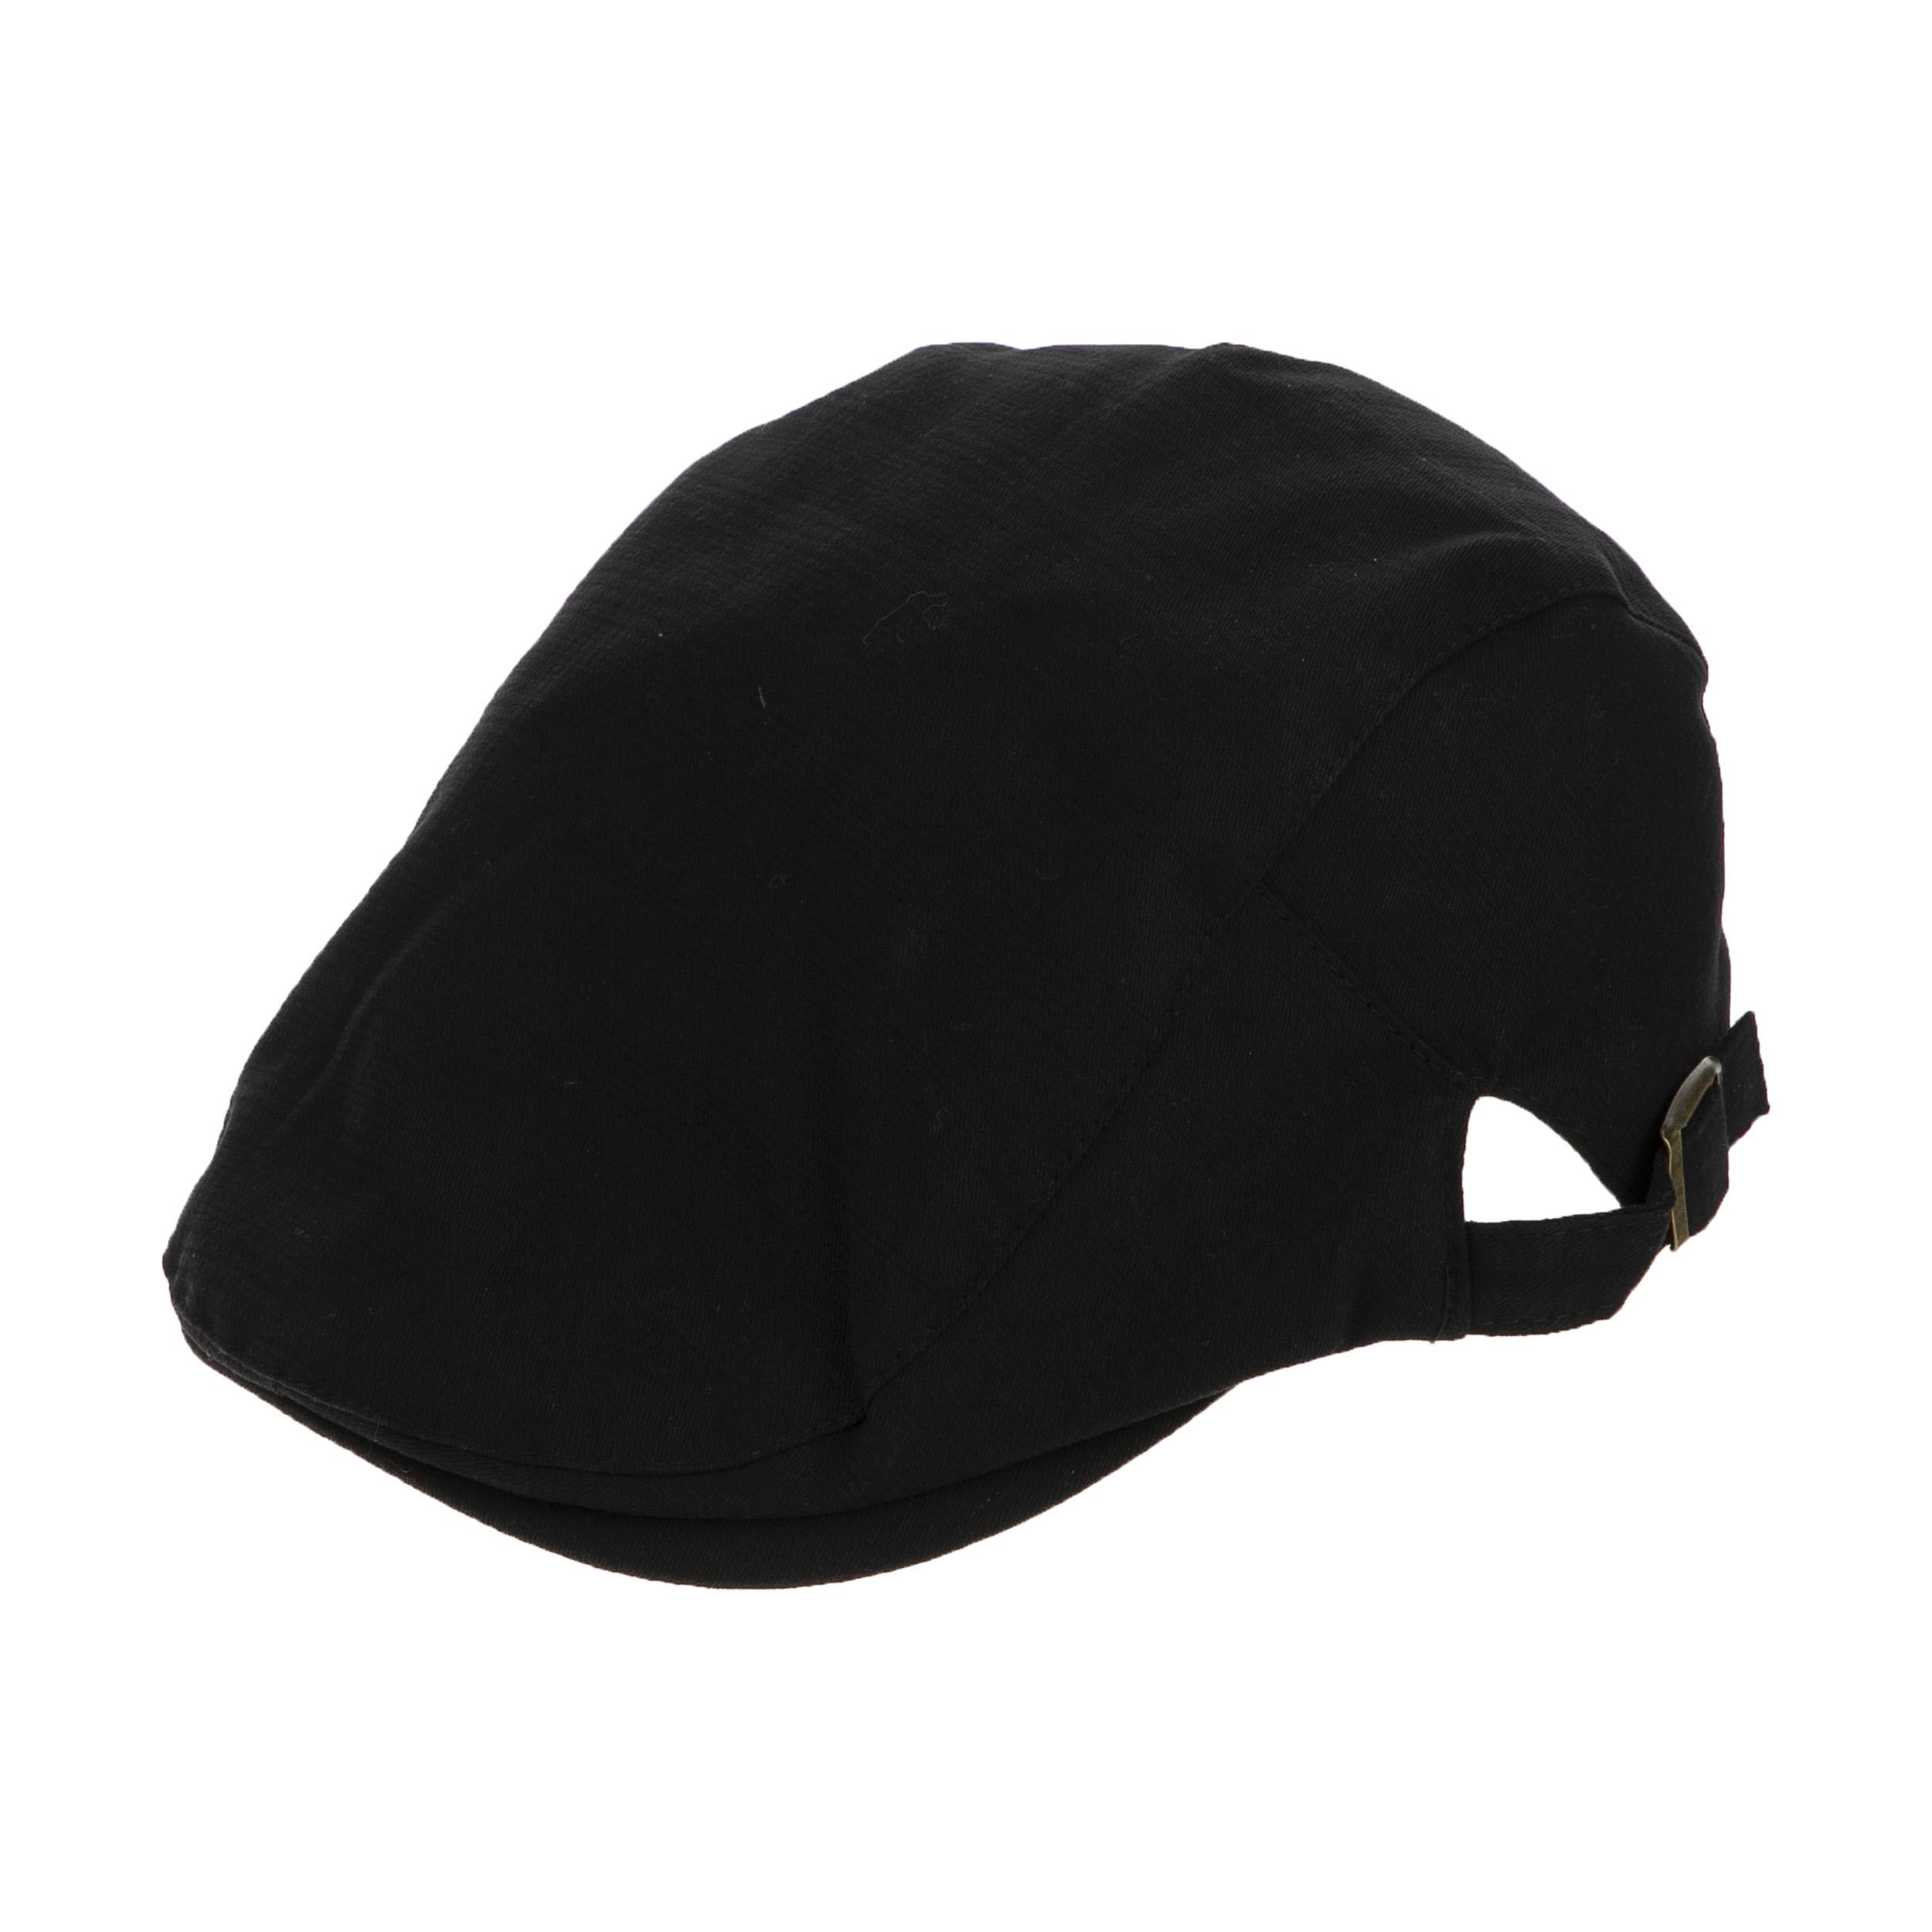 کلاه مردانه باراتا کد btt 23-2